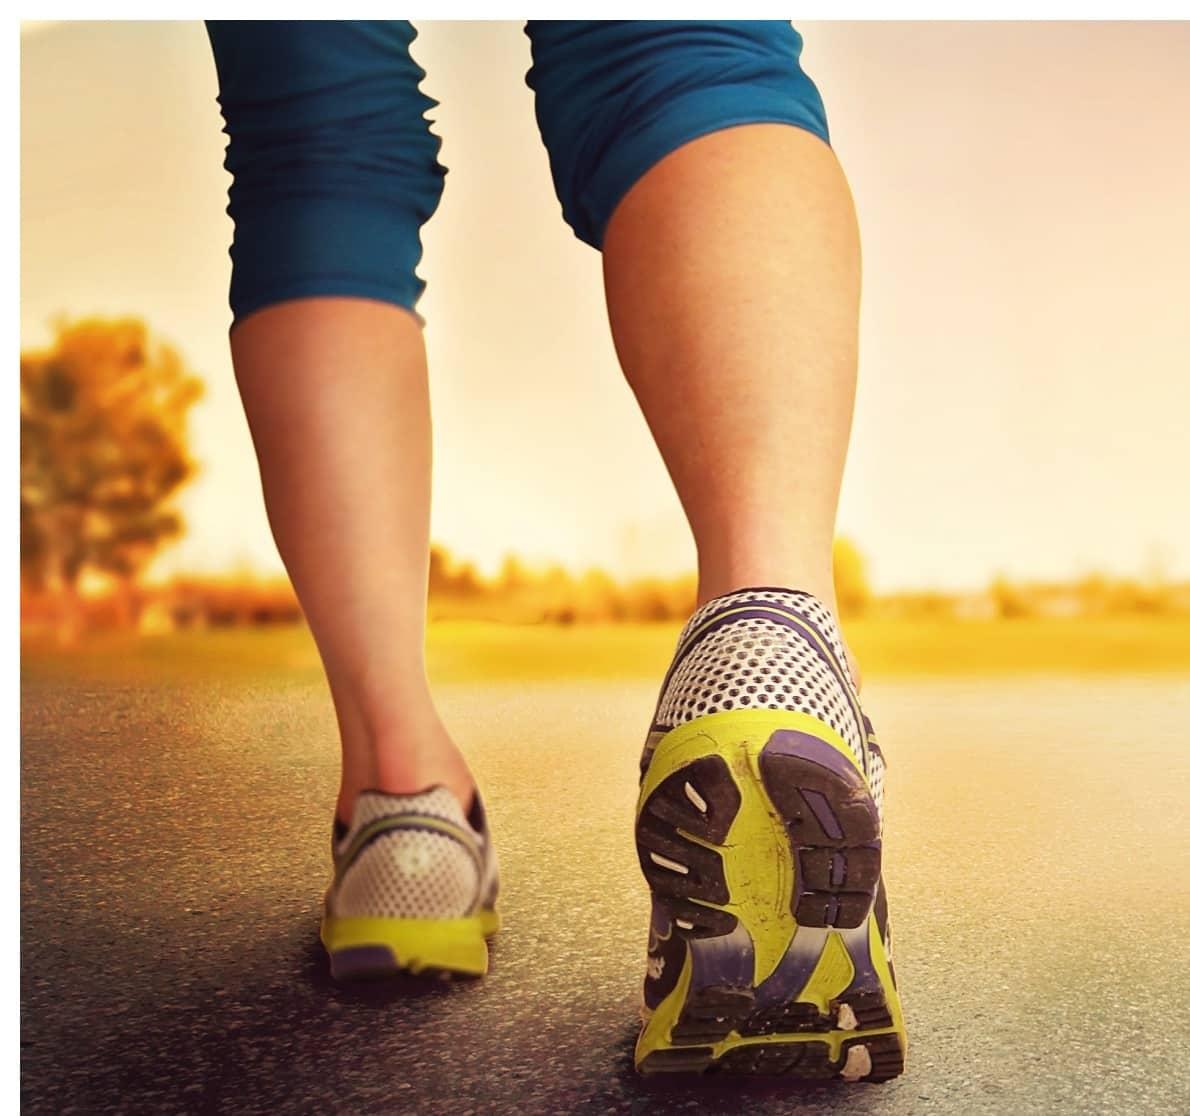 Verleihe deiner Schlafqualität mit ausreichend Bewegung einen regelrechten Boost